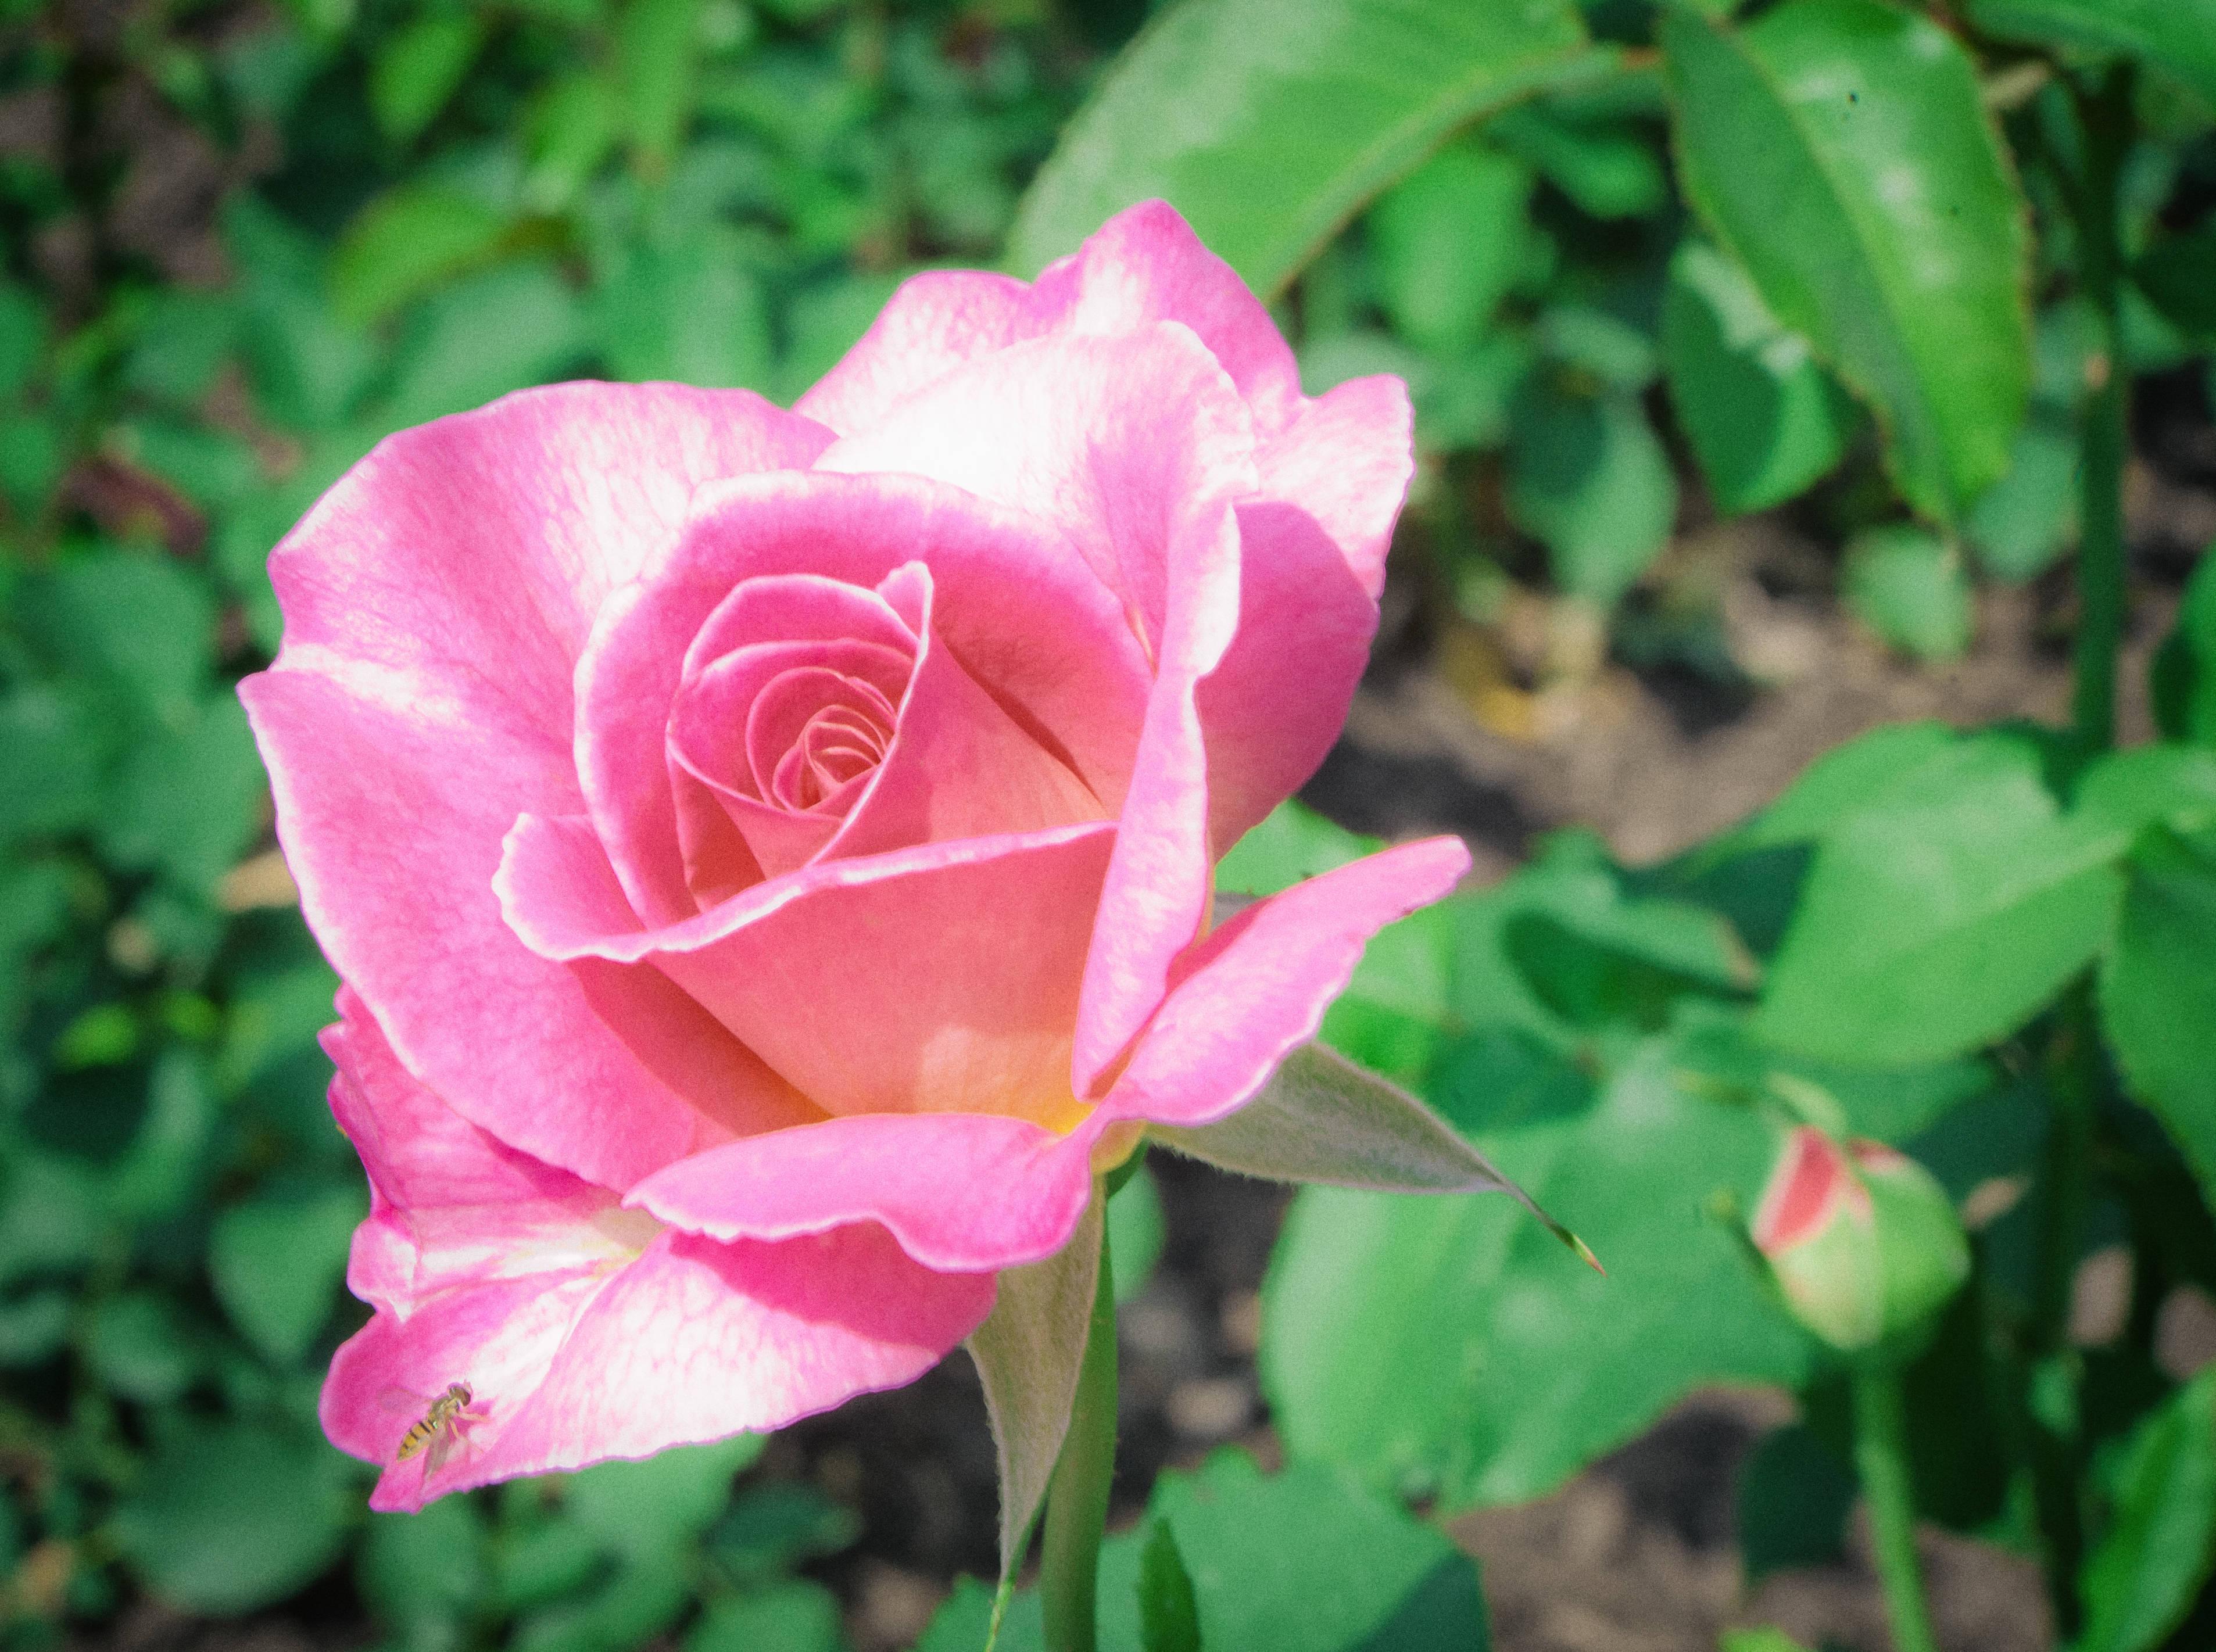 37f64ba92a2e84623fc5_rosegarden-14.jpg